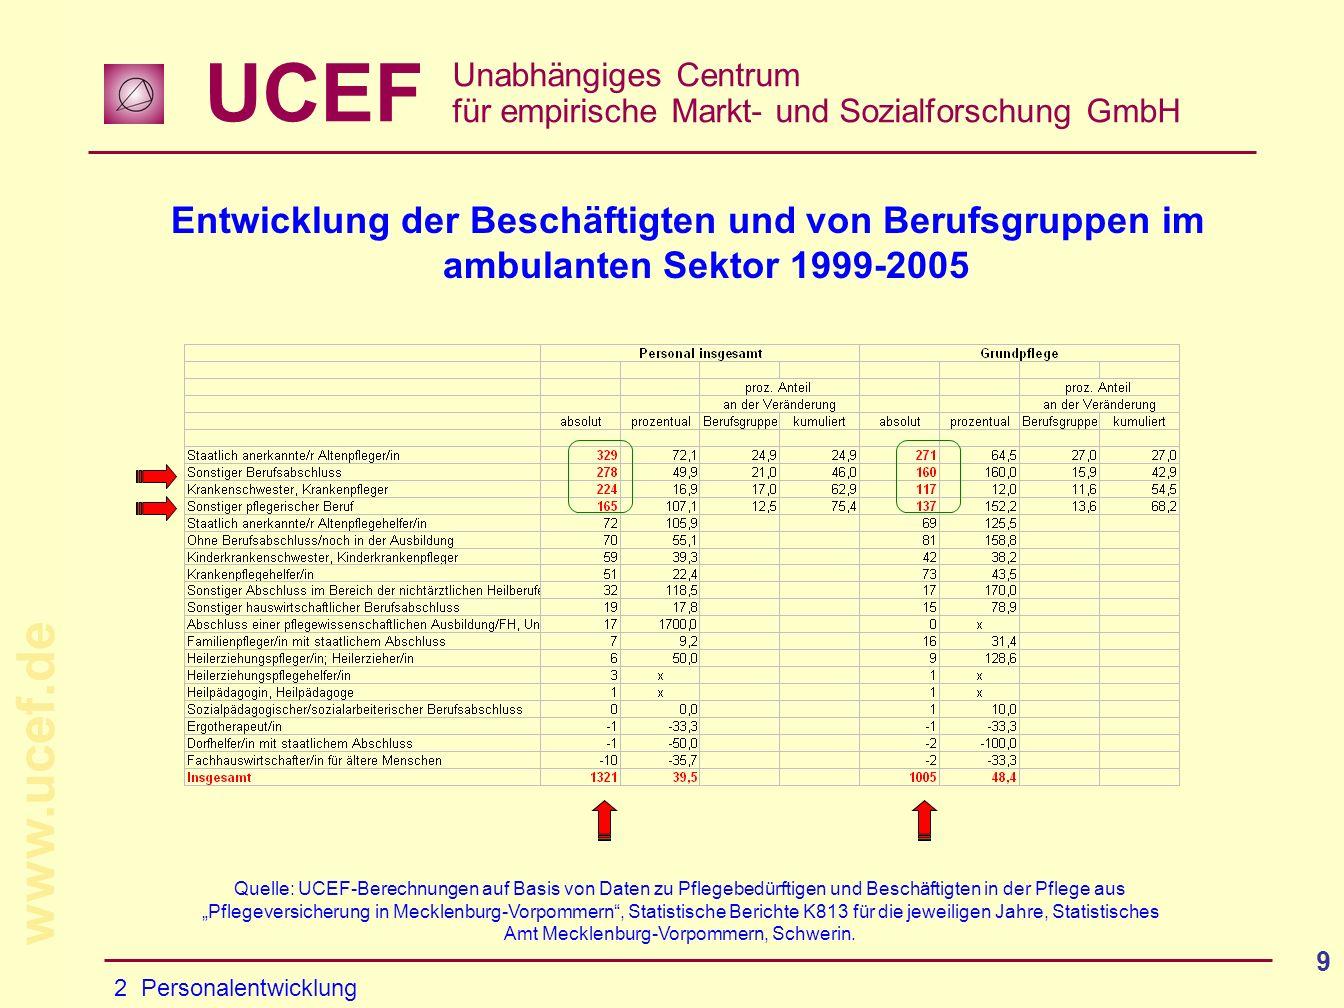 Entwicklung der Beschäftigten und von Berufsgruppen im ambulanten Sektor 1999-2005